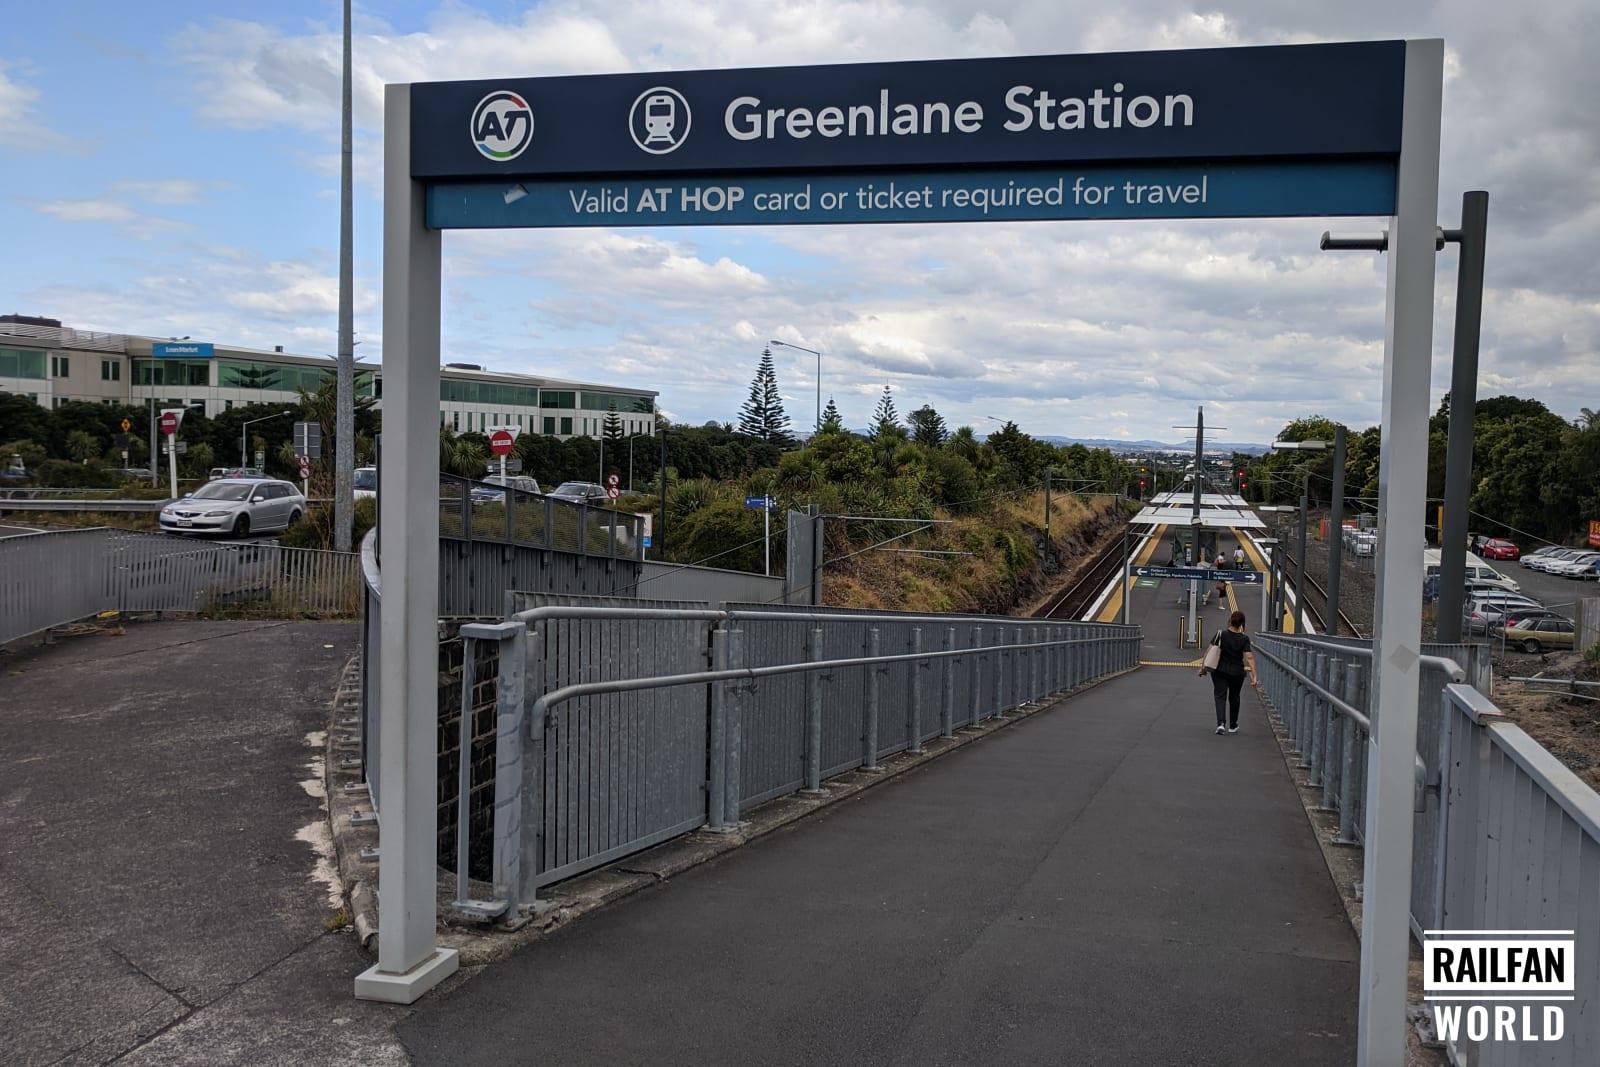 Auckland Britomart & Greenlane